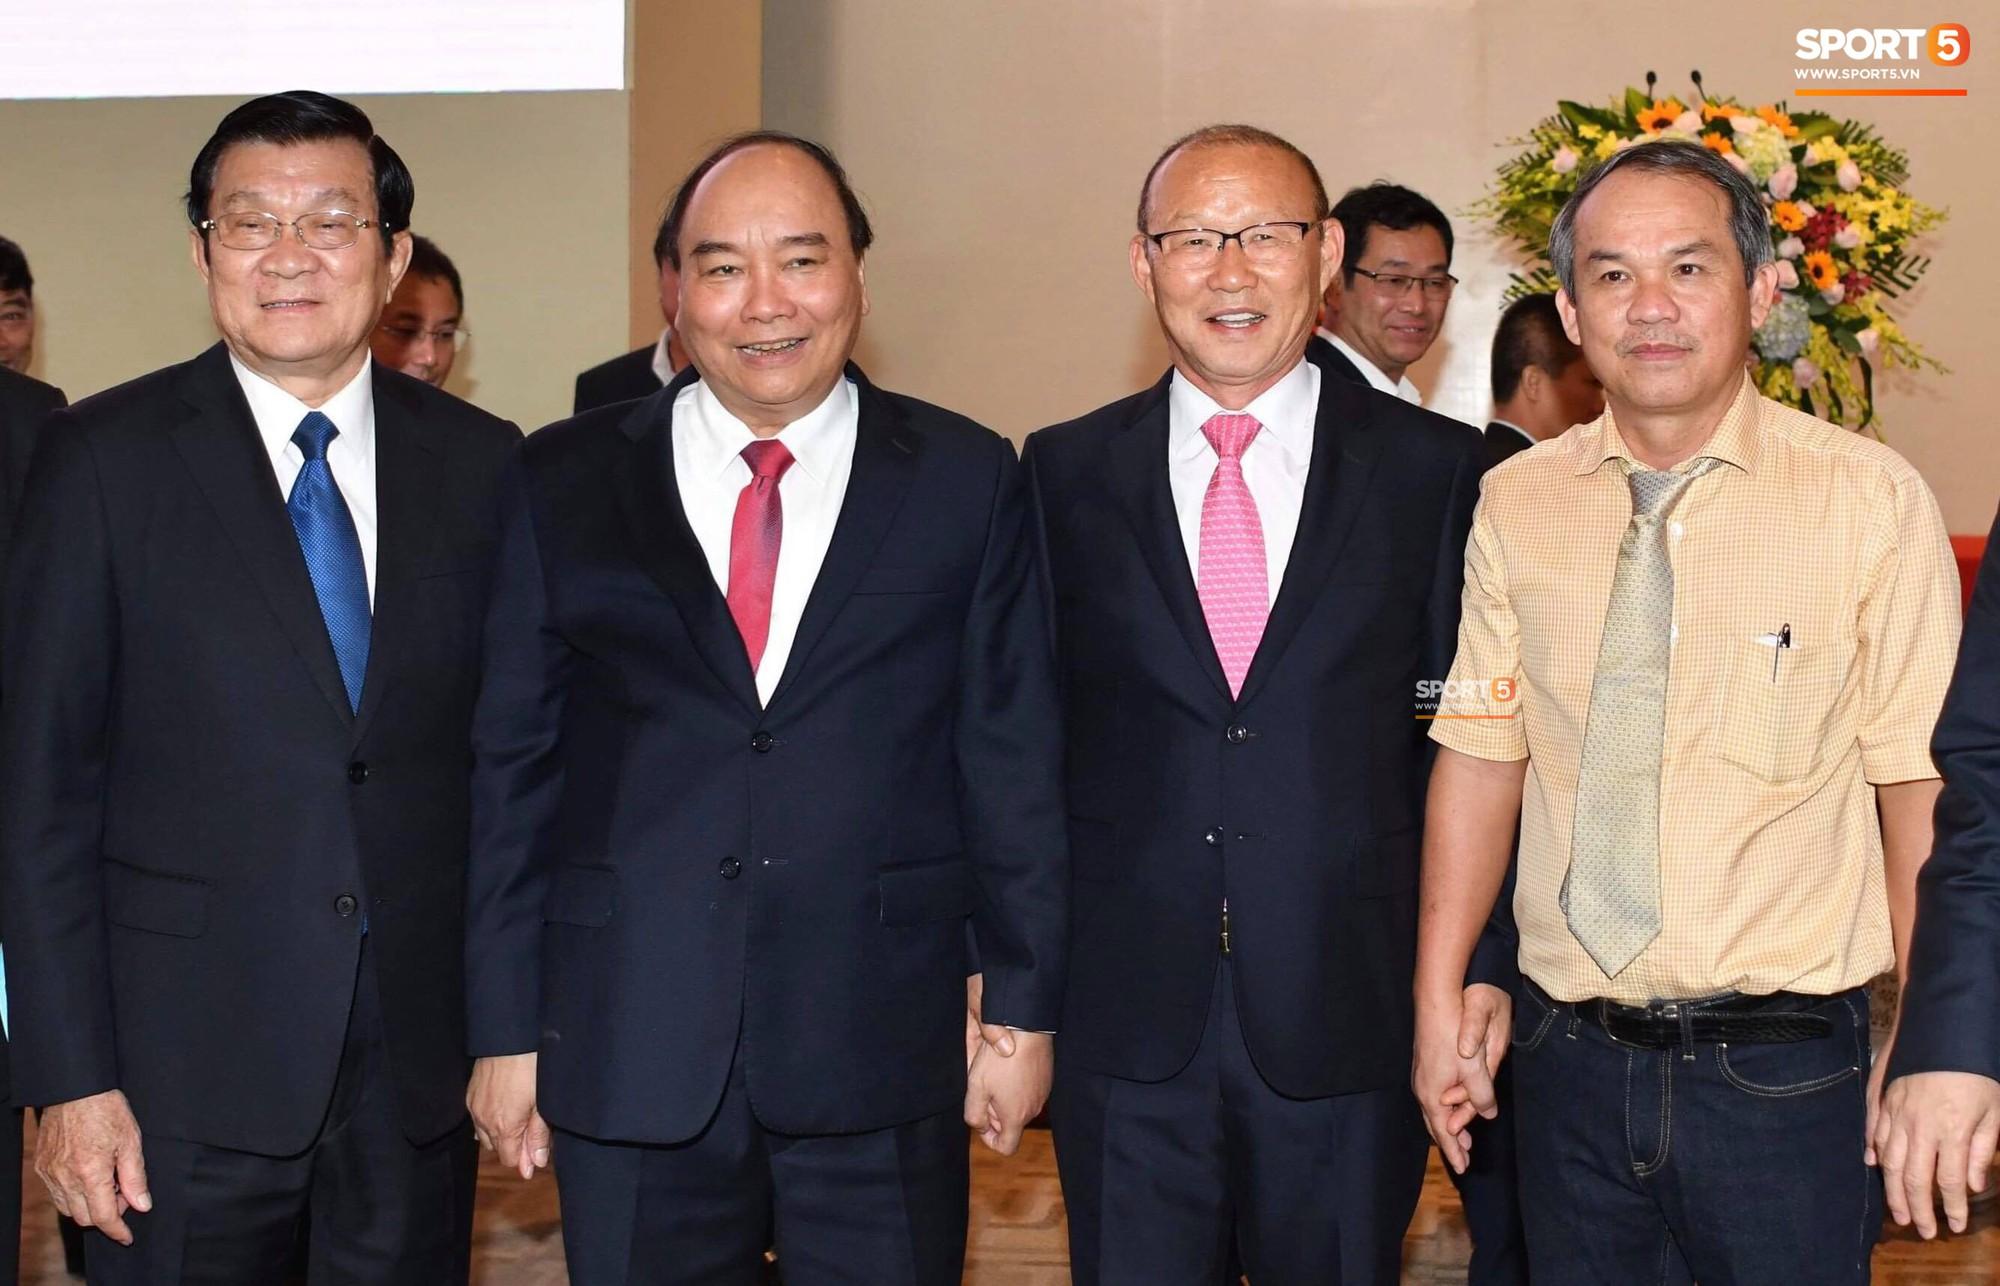 HLV Park Hang-seo nắm chặt tay bầu Đức, tuyên bố dùng 2,3 tỷ đồng tiền thưởng để làm từ thiện